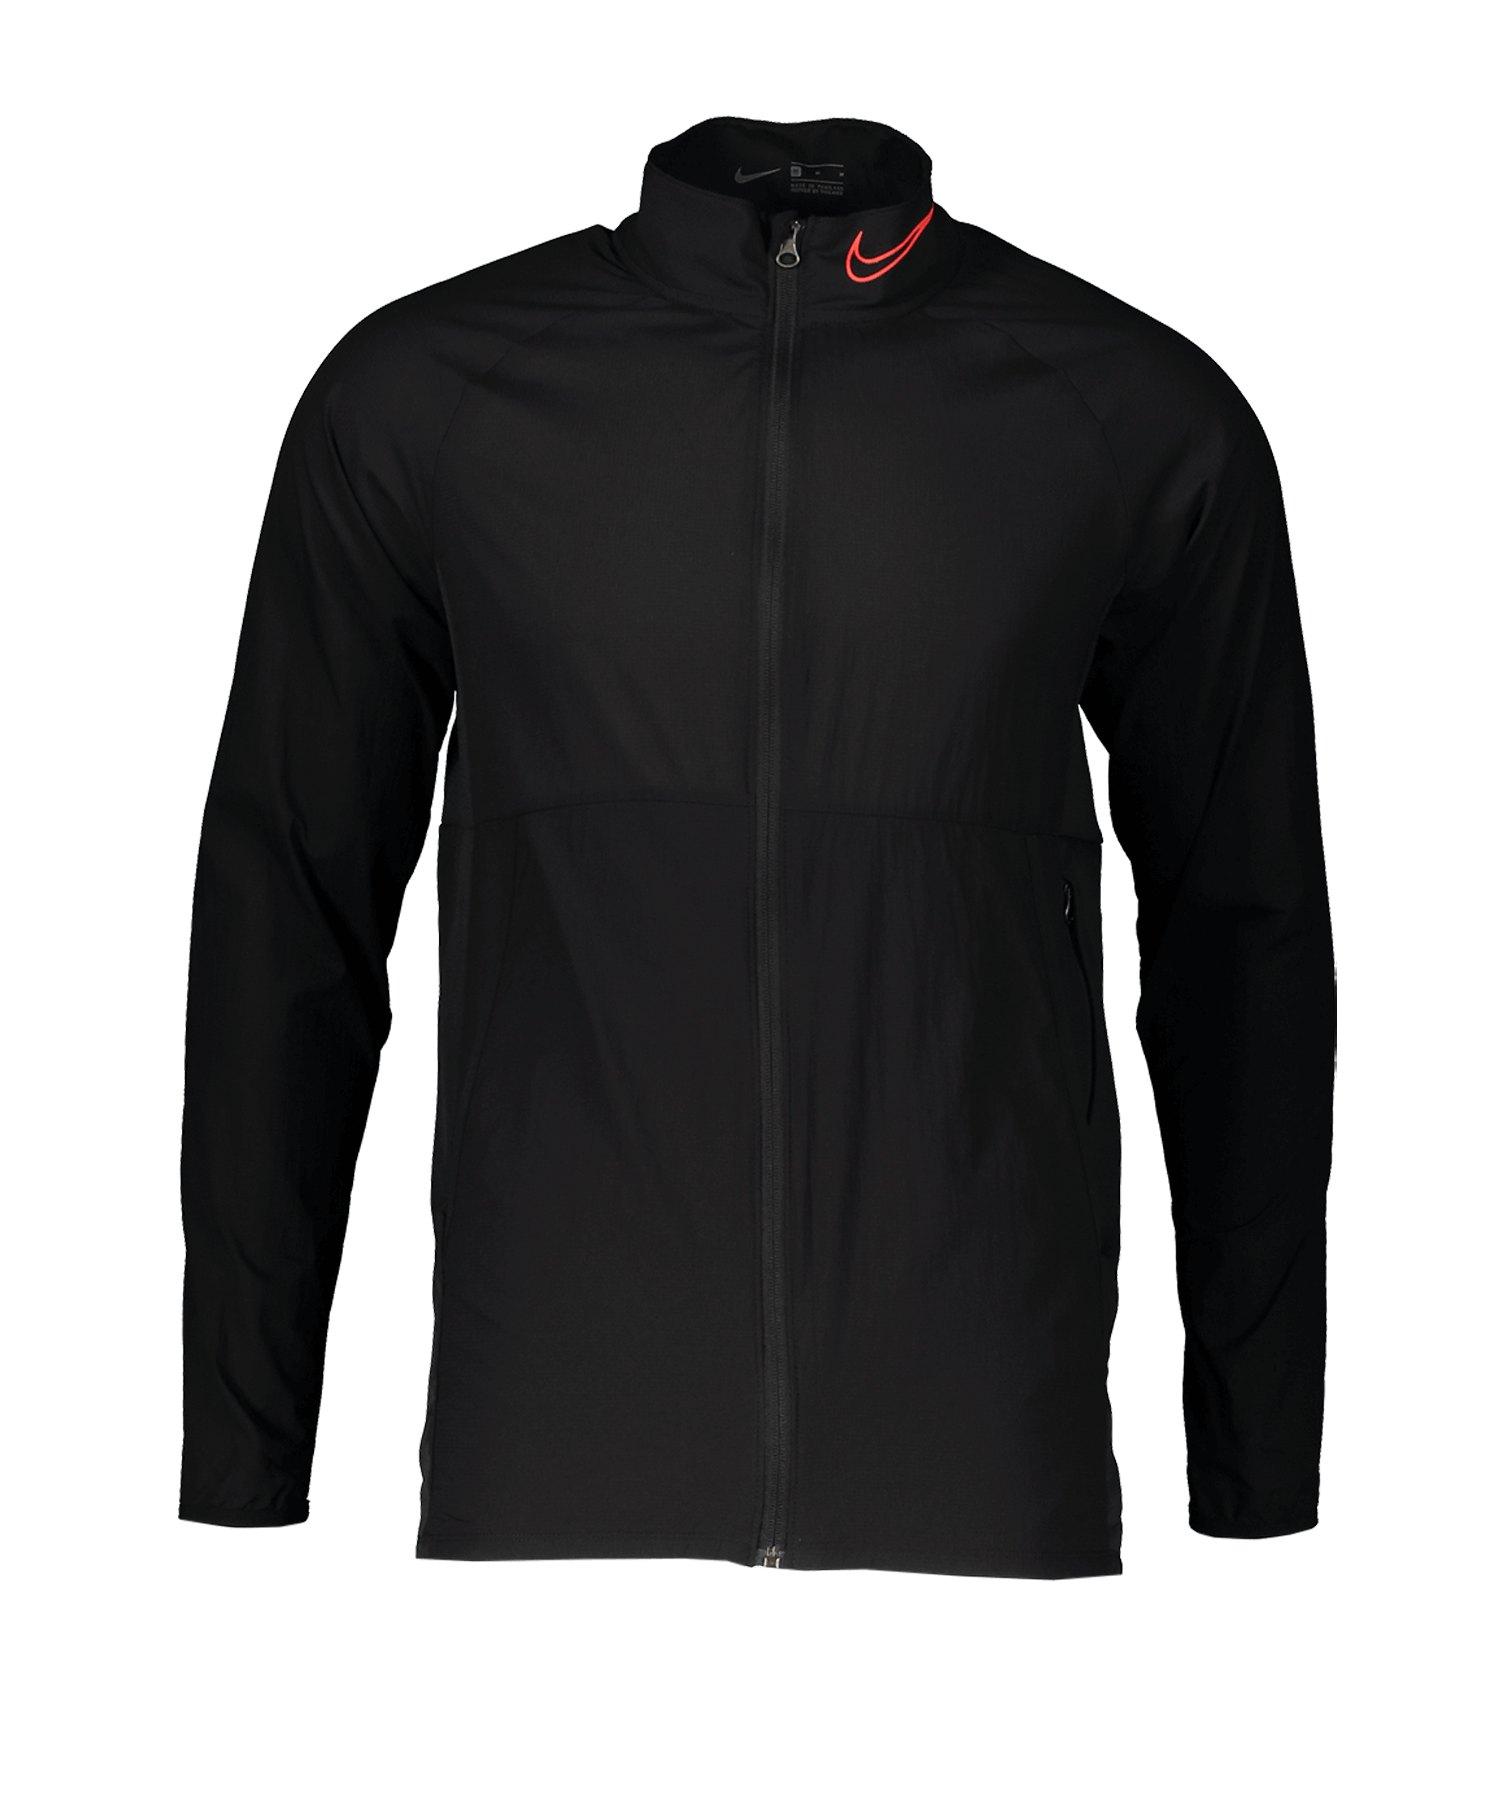 Nike Academy Jacke Schwarz F013 - schwarz